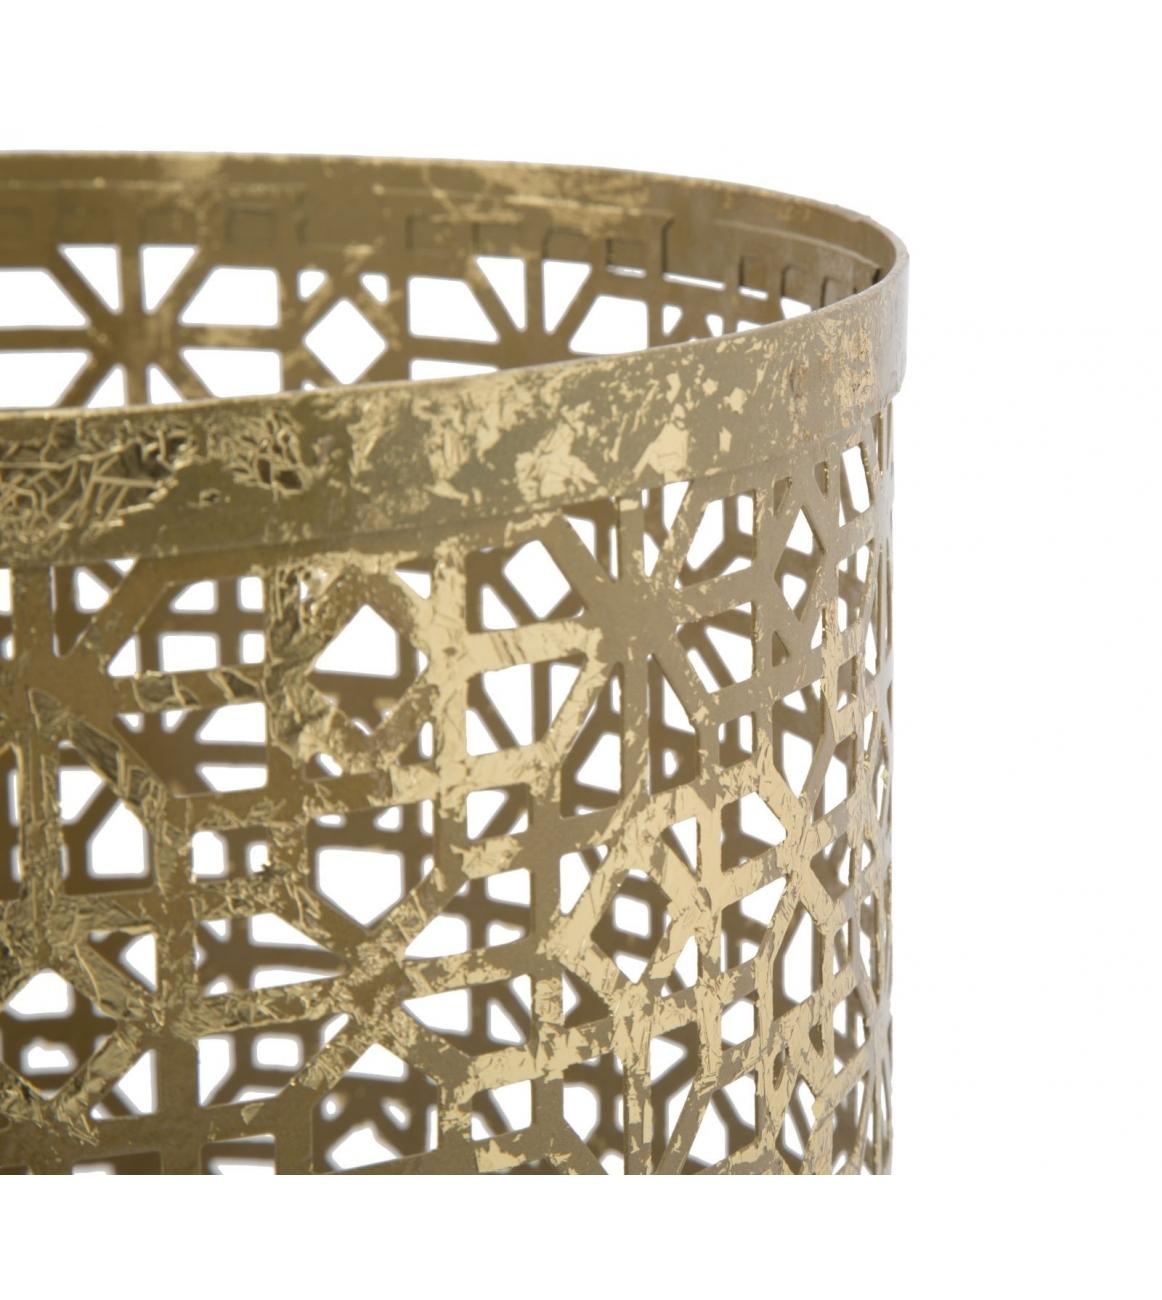 a85e0434ff Porta Ombrelli Stick Glam Oro h 42 - diametro 24 cmBeKreative